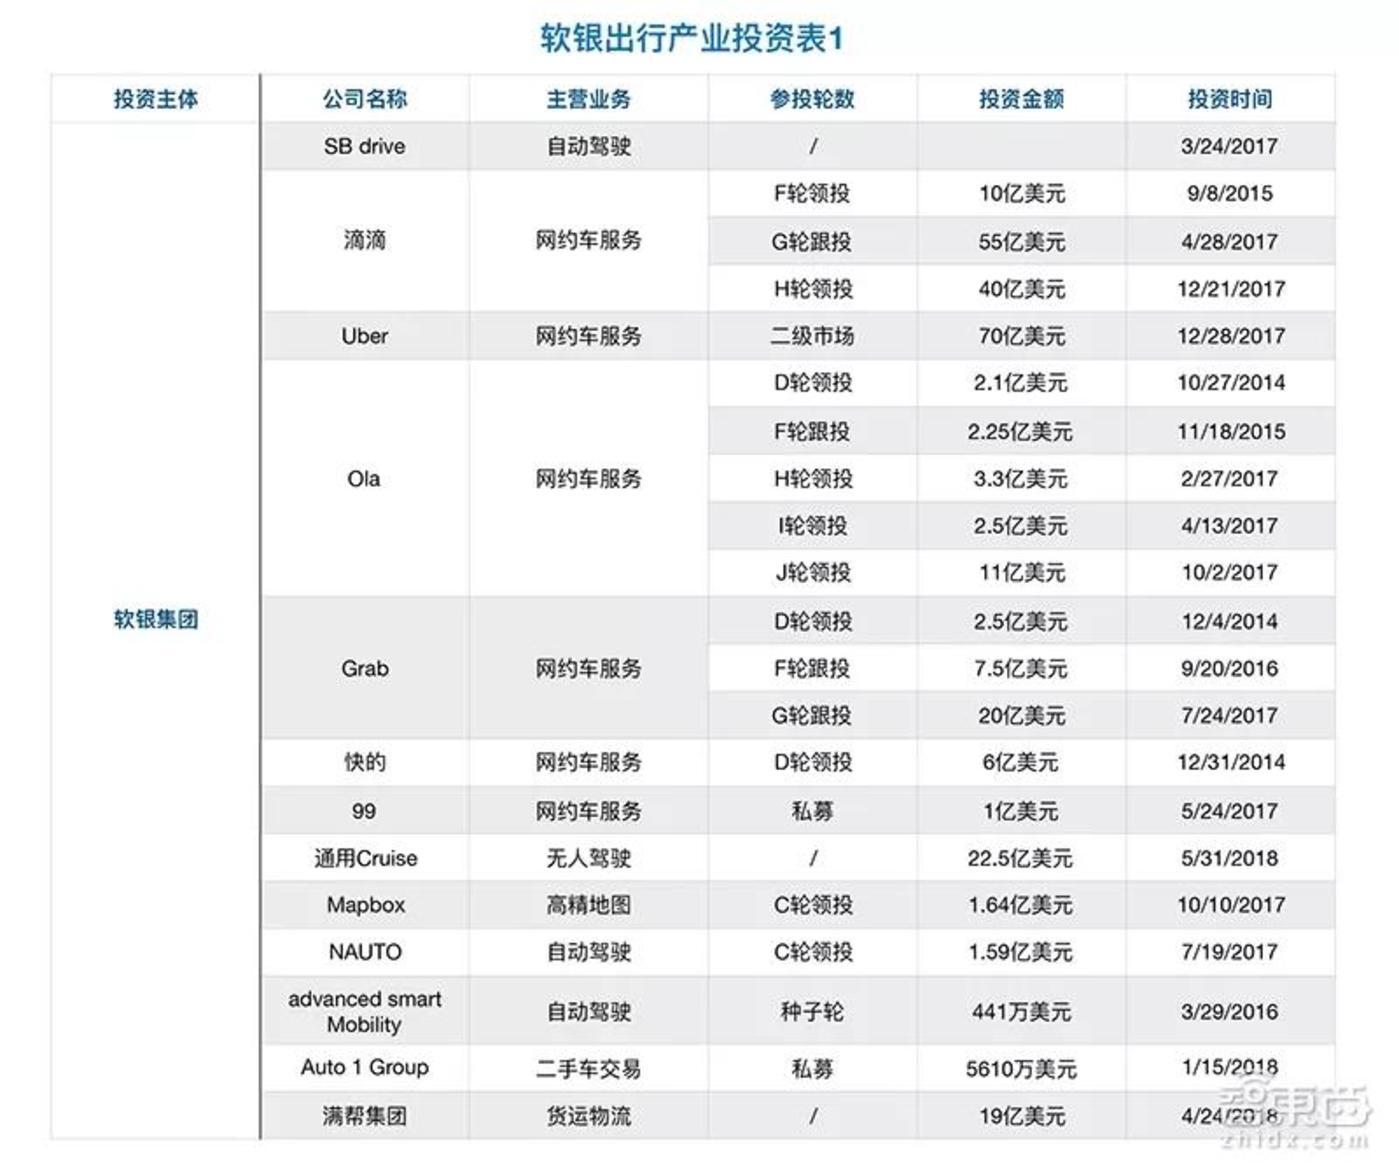 软银集团出行产业投资